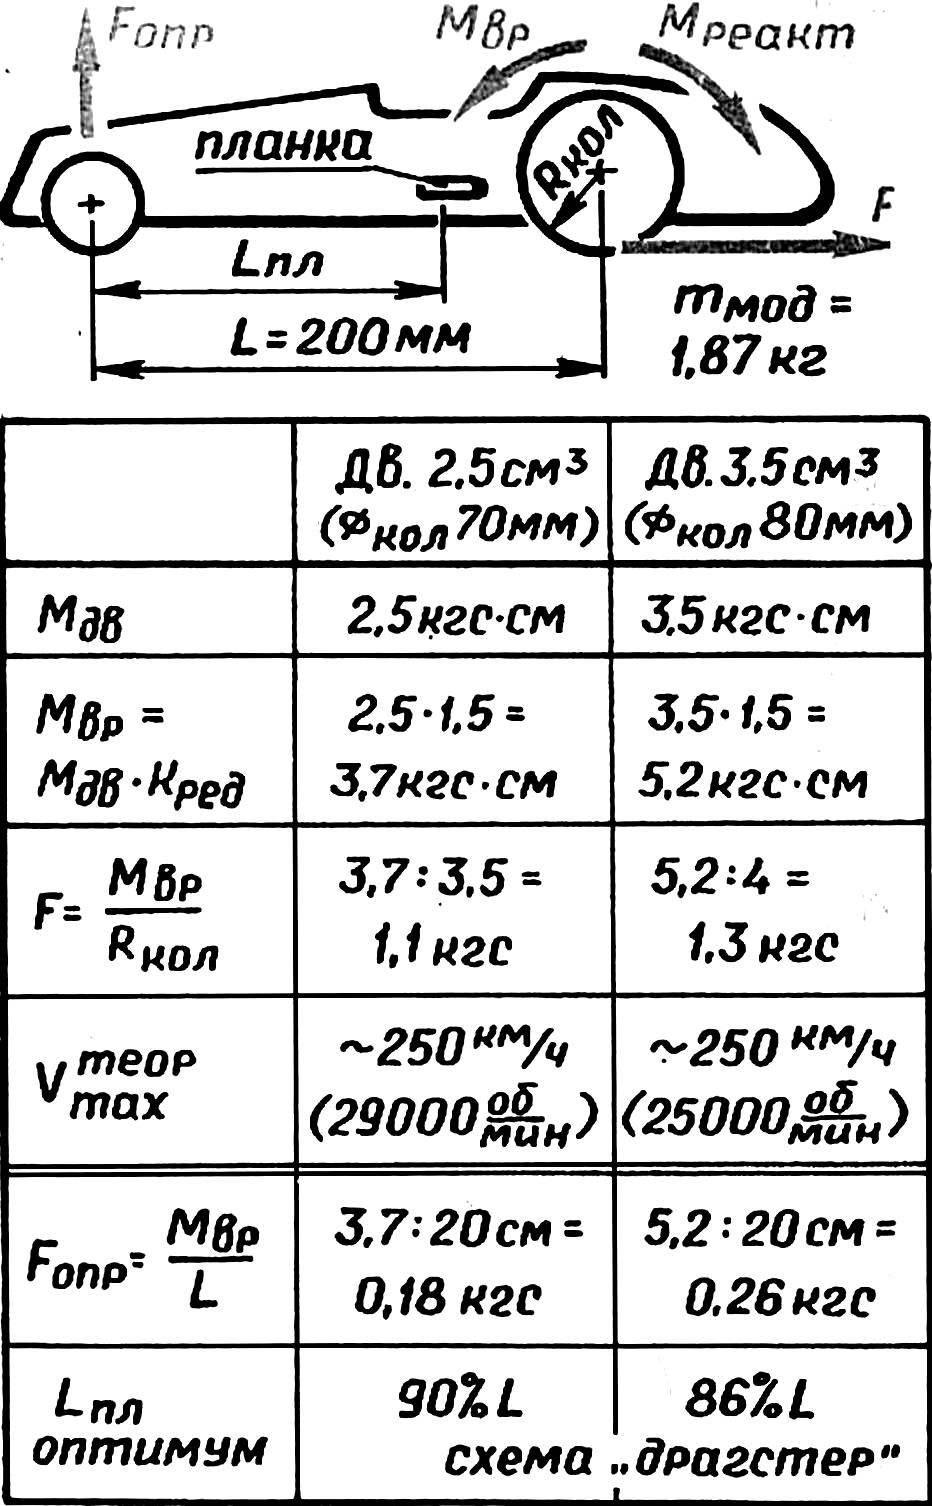 Сравнительный расчет для модели с двигателями рабочим объемом 2,5 и 3,5 см3.